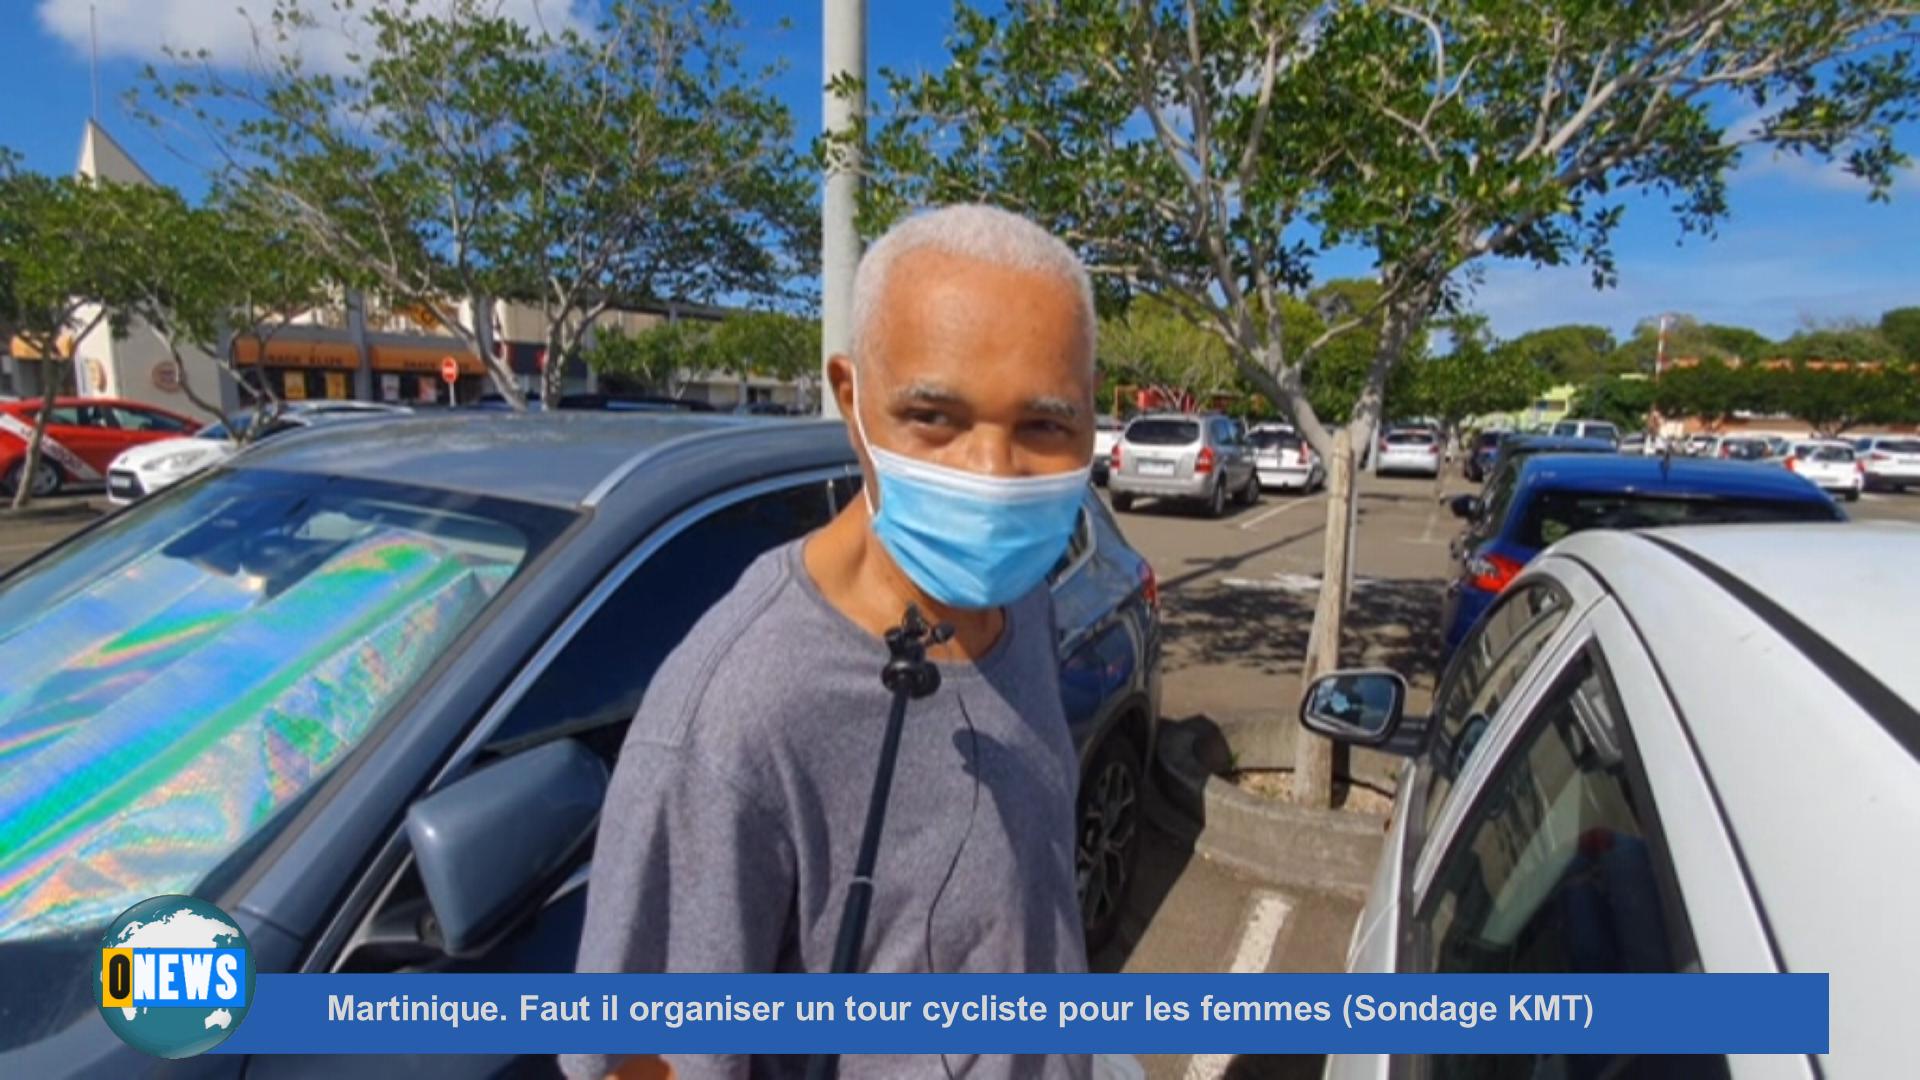 [Vidéo] Onews Martinique. Faut il organiser un tour cycliste pour les femmes (Sondage KMT)